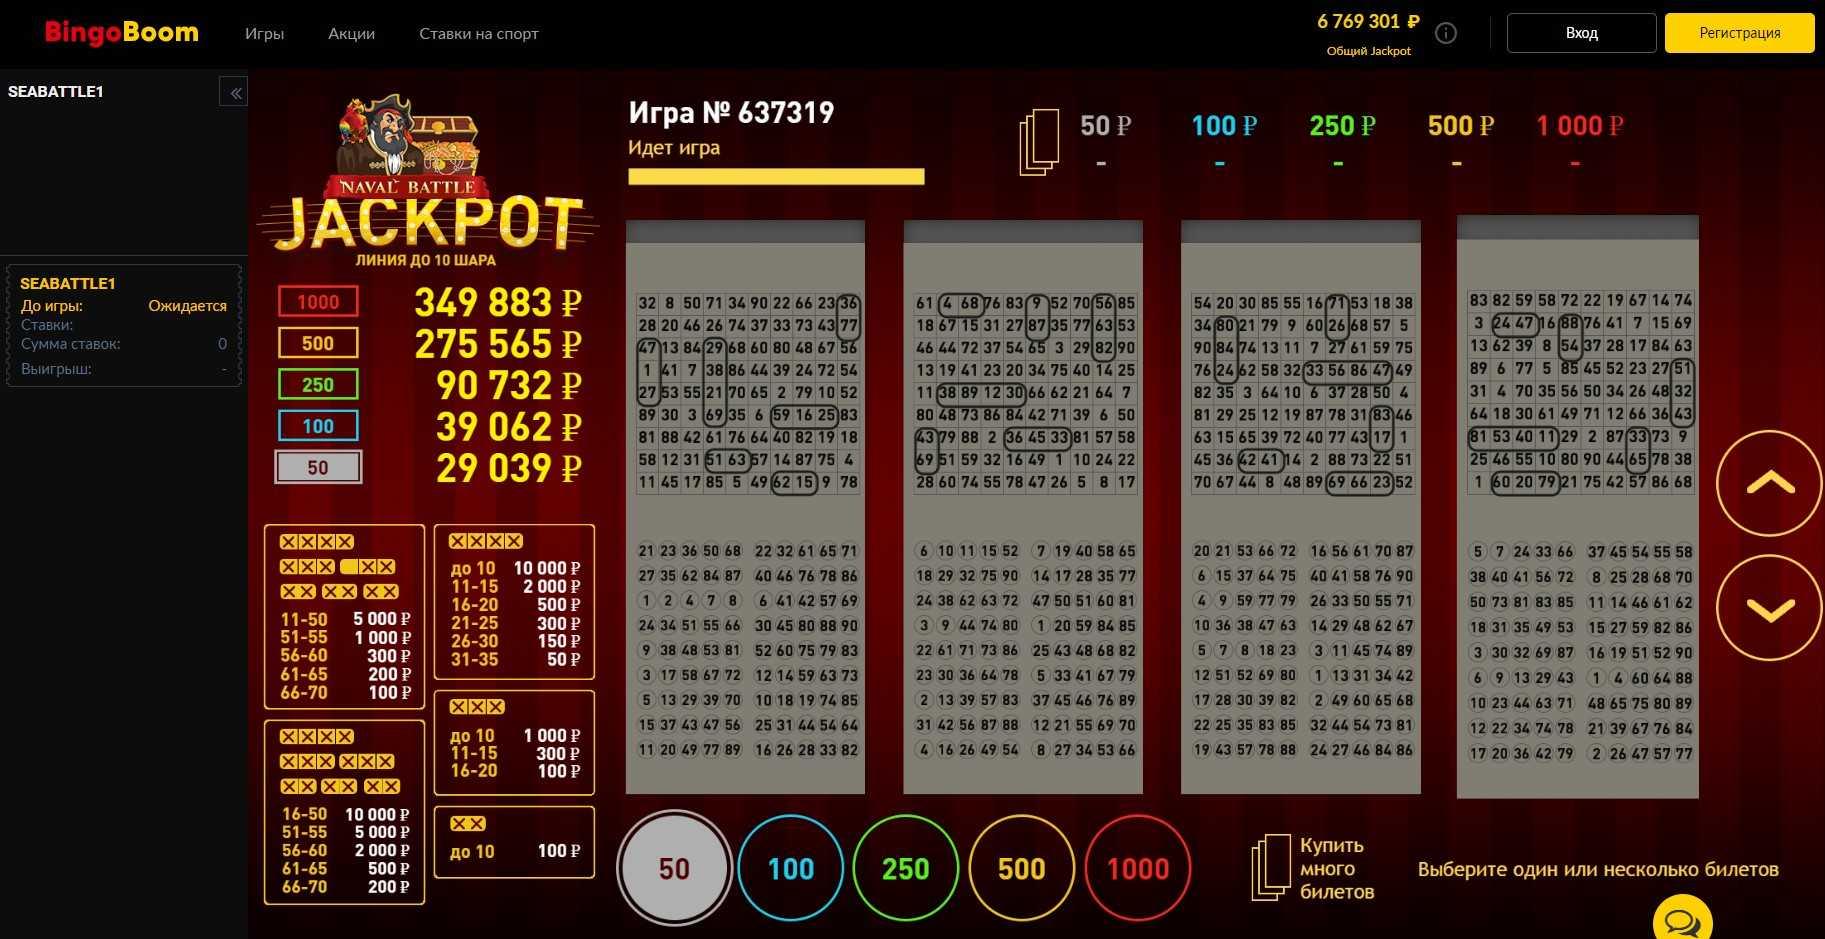 Sådan spiller du bingo lotteri: spilleregler og hemmeligheder om, hvordan man vinder